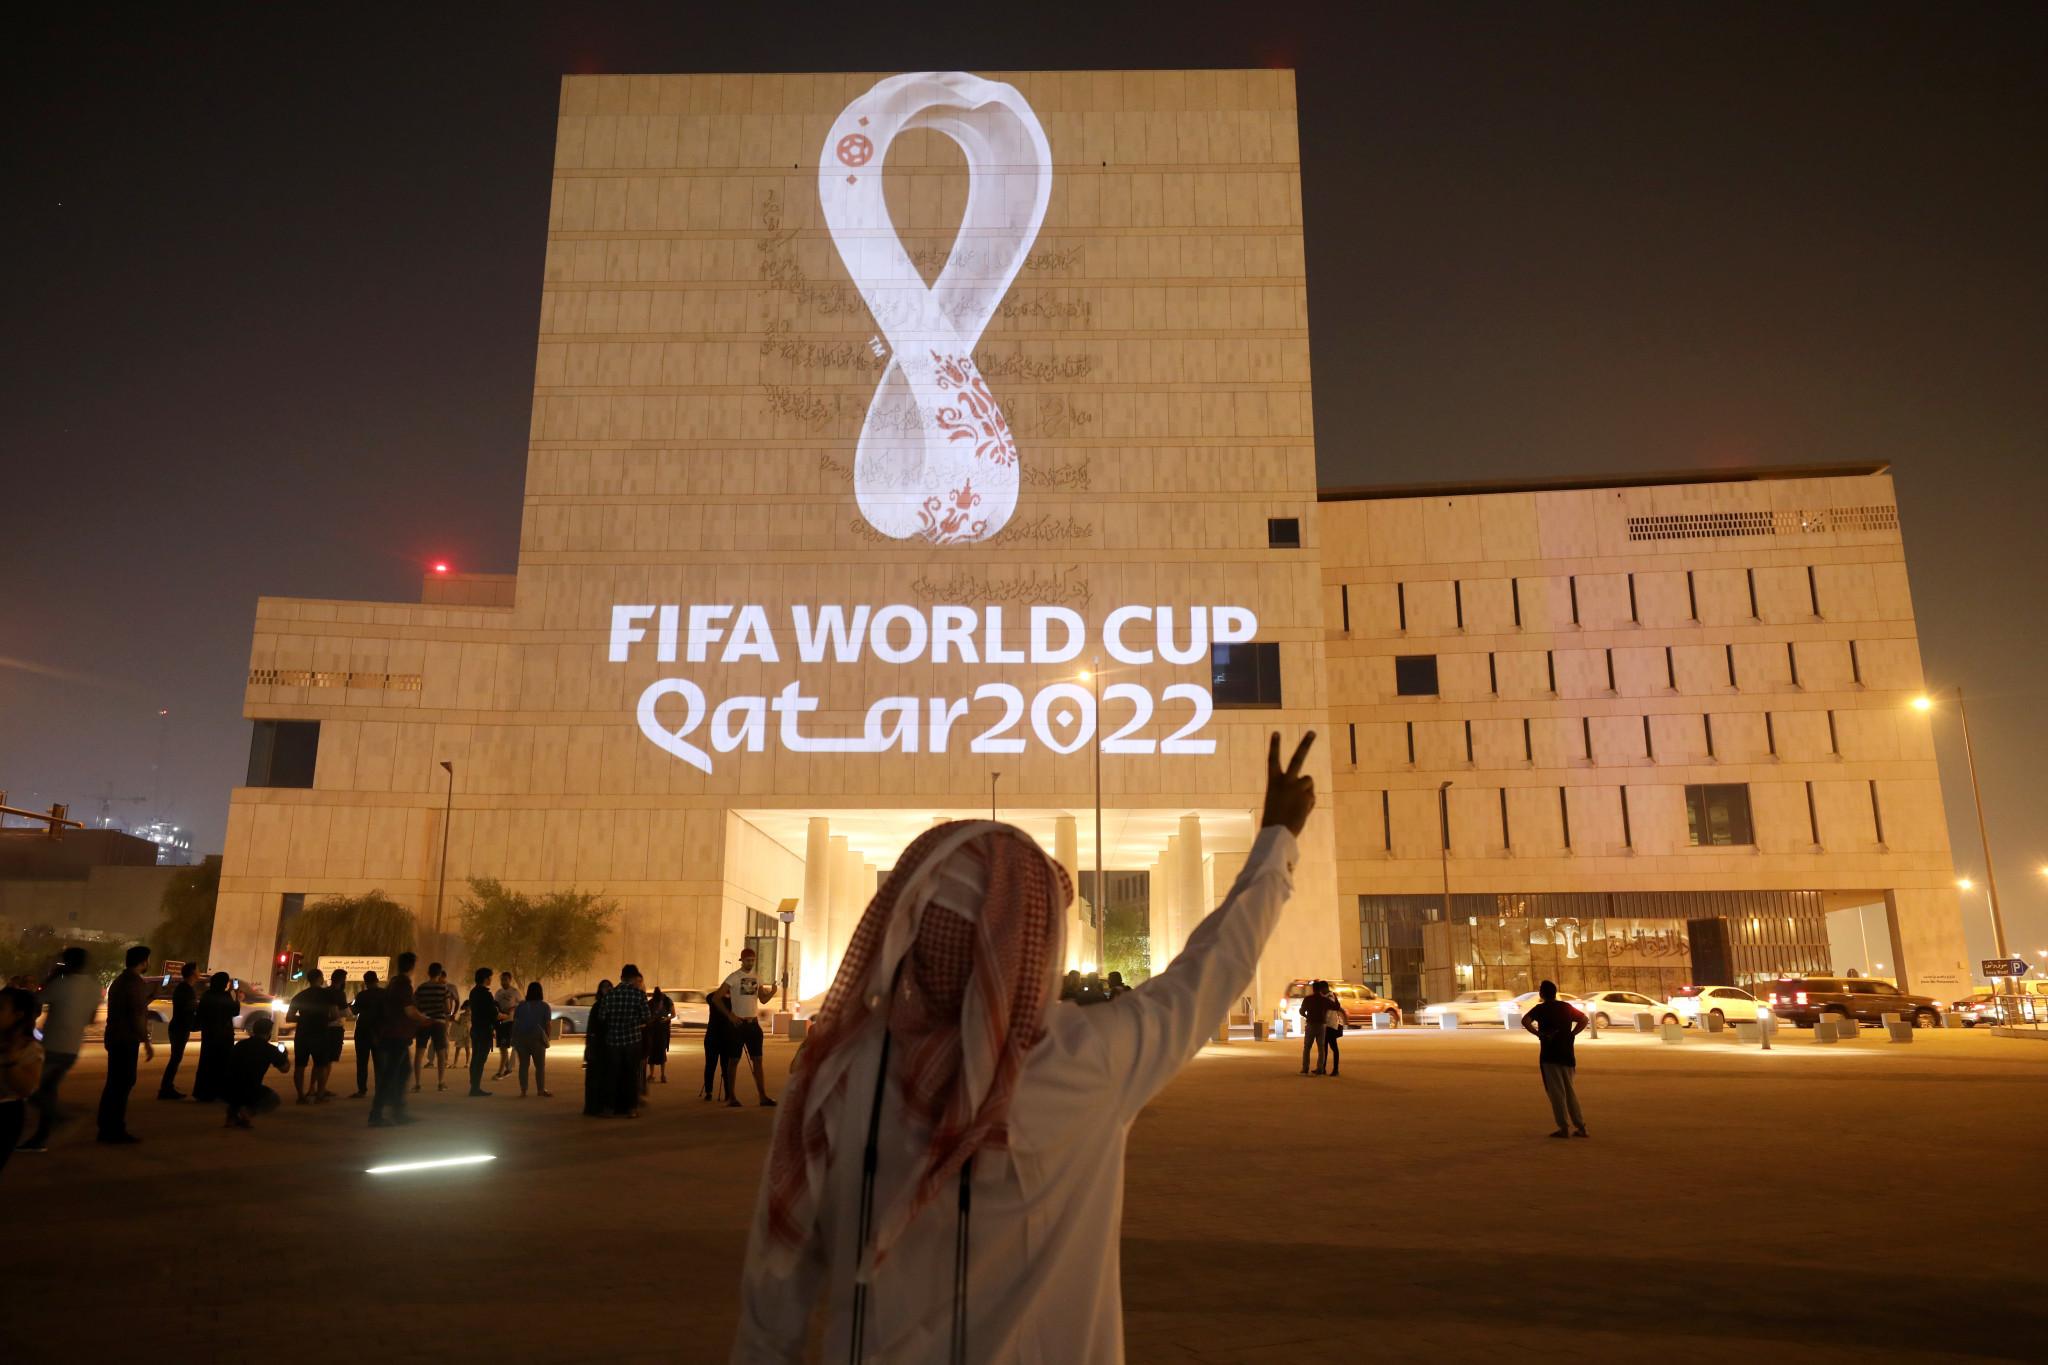 FIFA World Cup Qatar 2022: Resultados dos jogos  da Quarta-feira 1 Setembro 2021